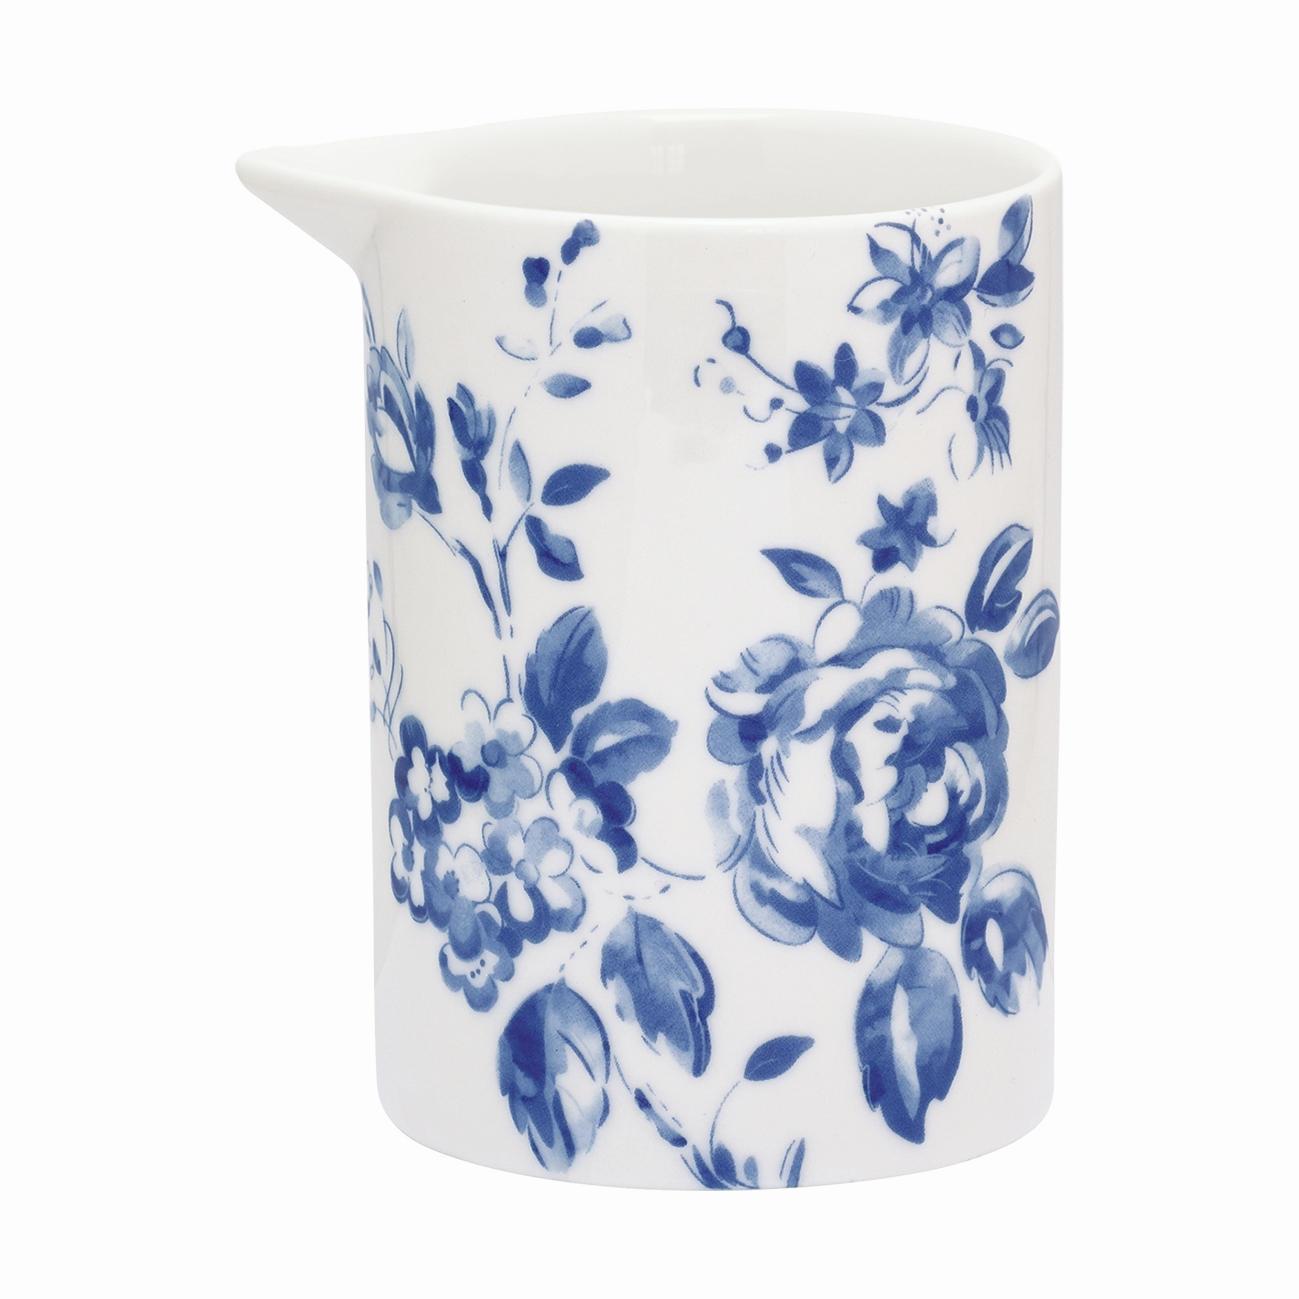 GREEN GATE Džbánek Amanda indigo - small, modrá barva, bílá barva, porcelán